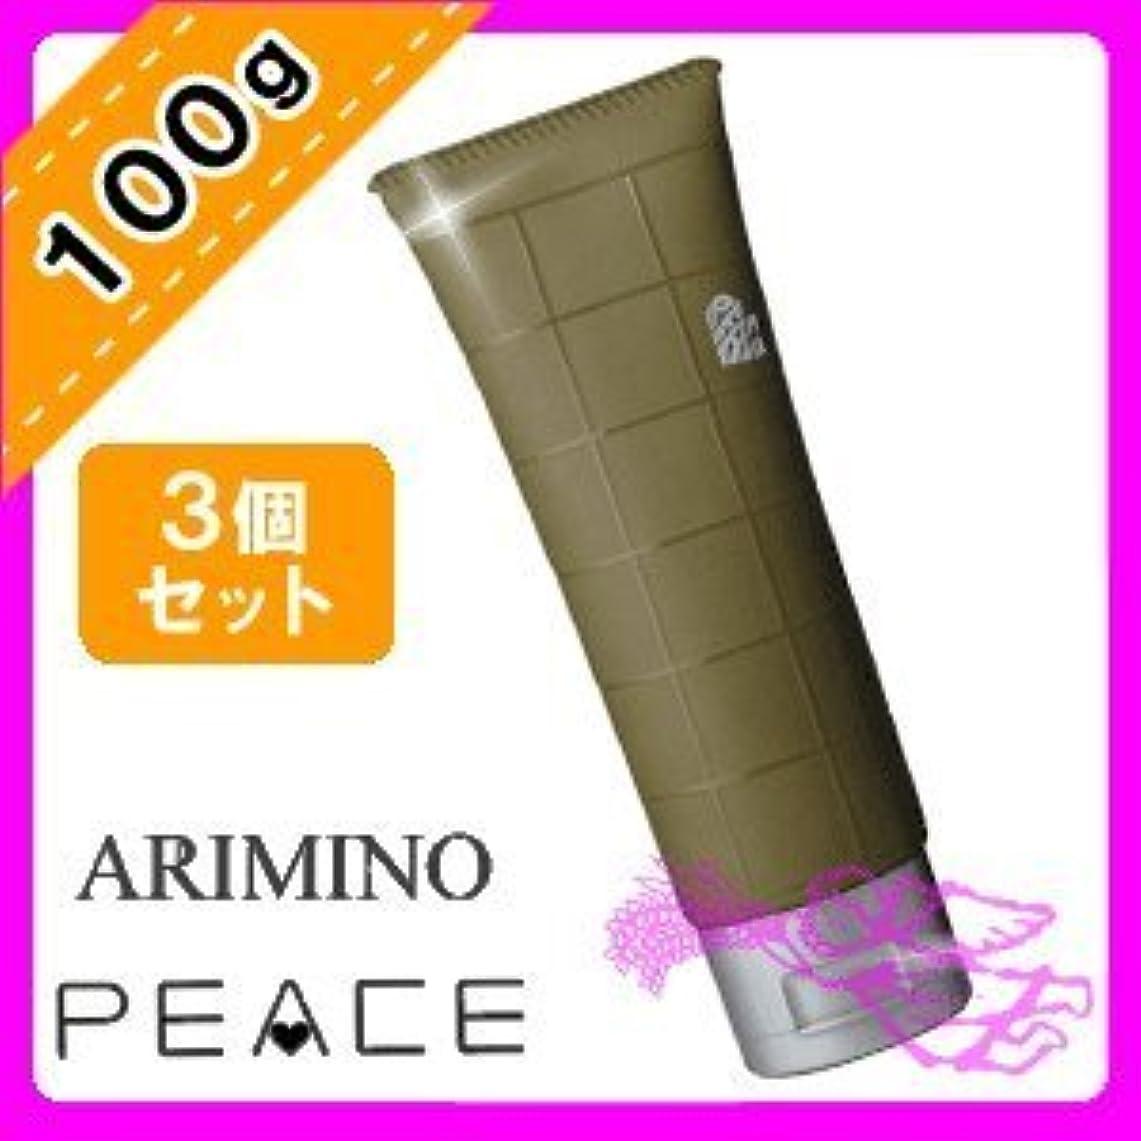 冷える会うスラックアリミノ ピース ウェットオイル ワックス 100g ×3個セット arimino PEACE